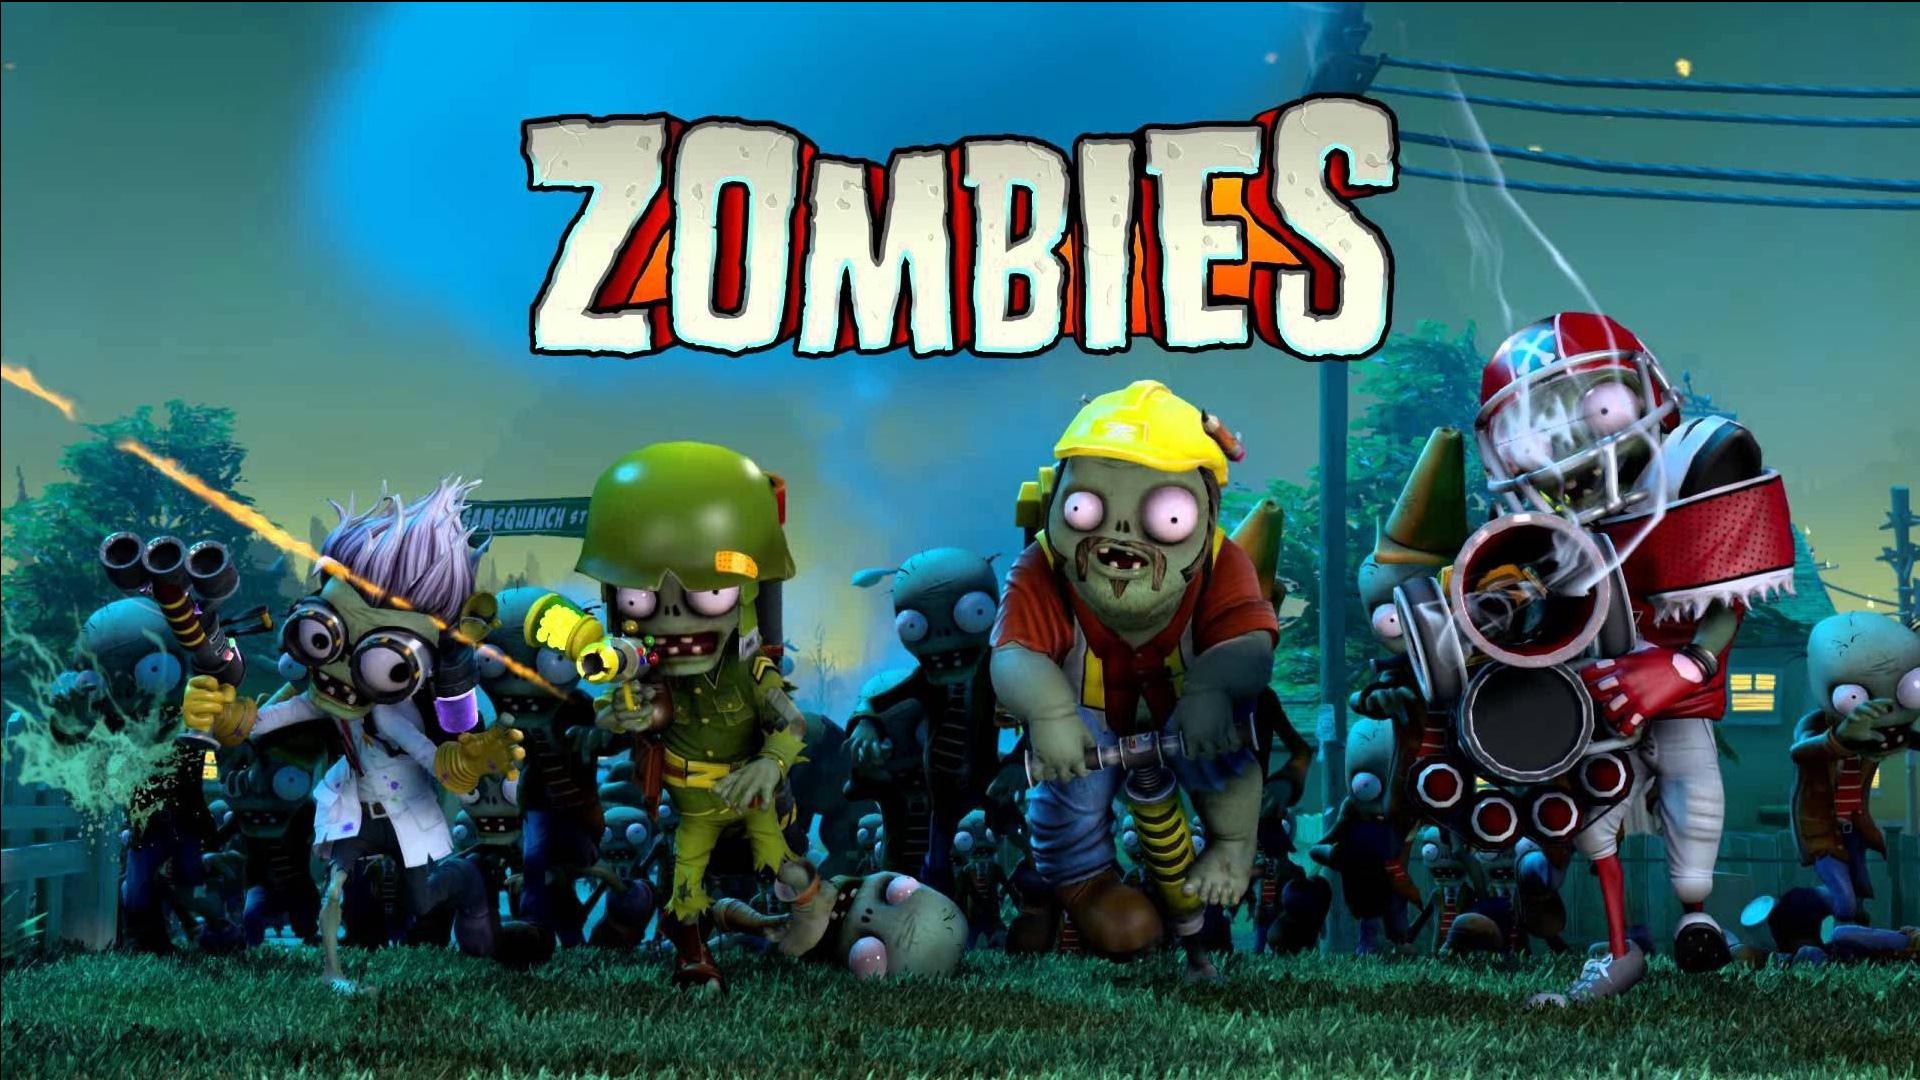 Fondos de pantalla de plants vs zombies garden warfare 1 y 2 wallpapers for Plants versus zombies garden warfare